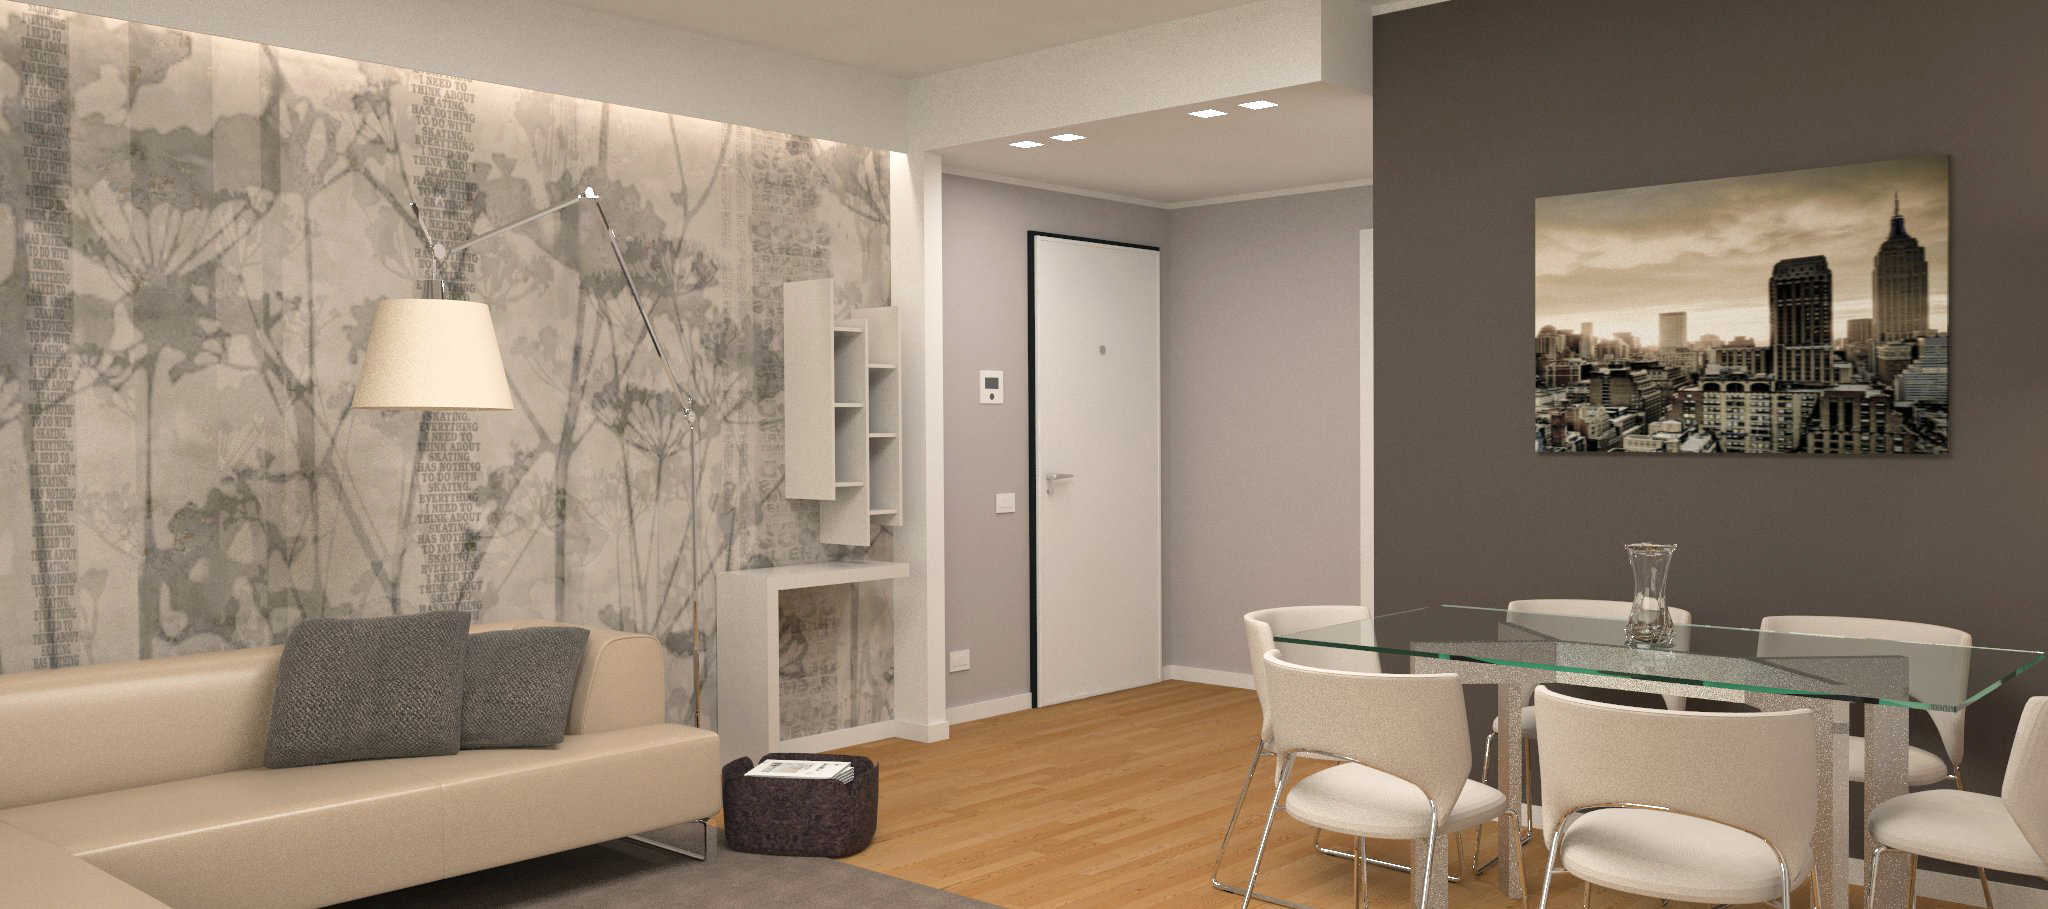 appartamento privato milano laura lucente architetto